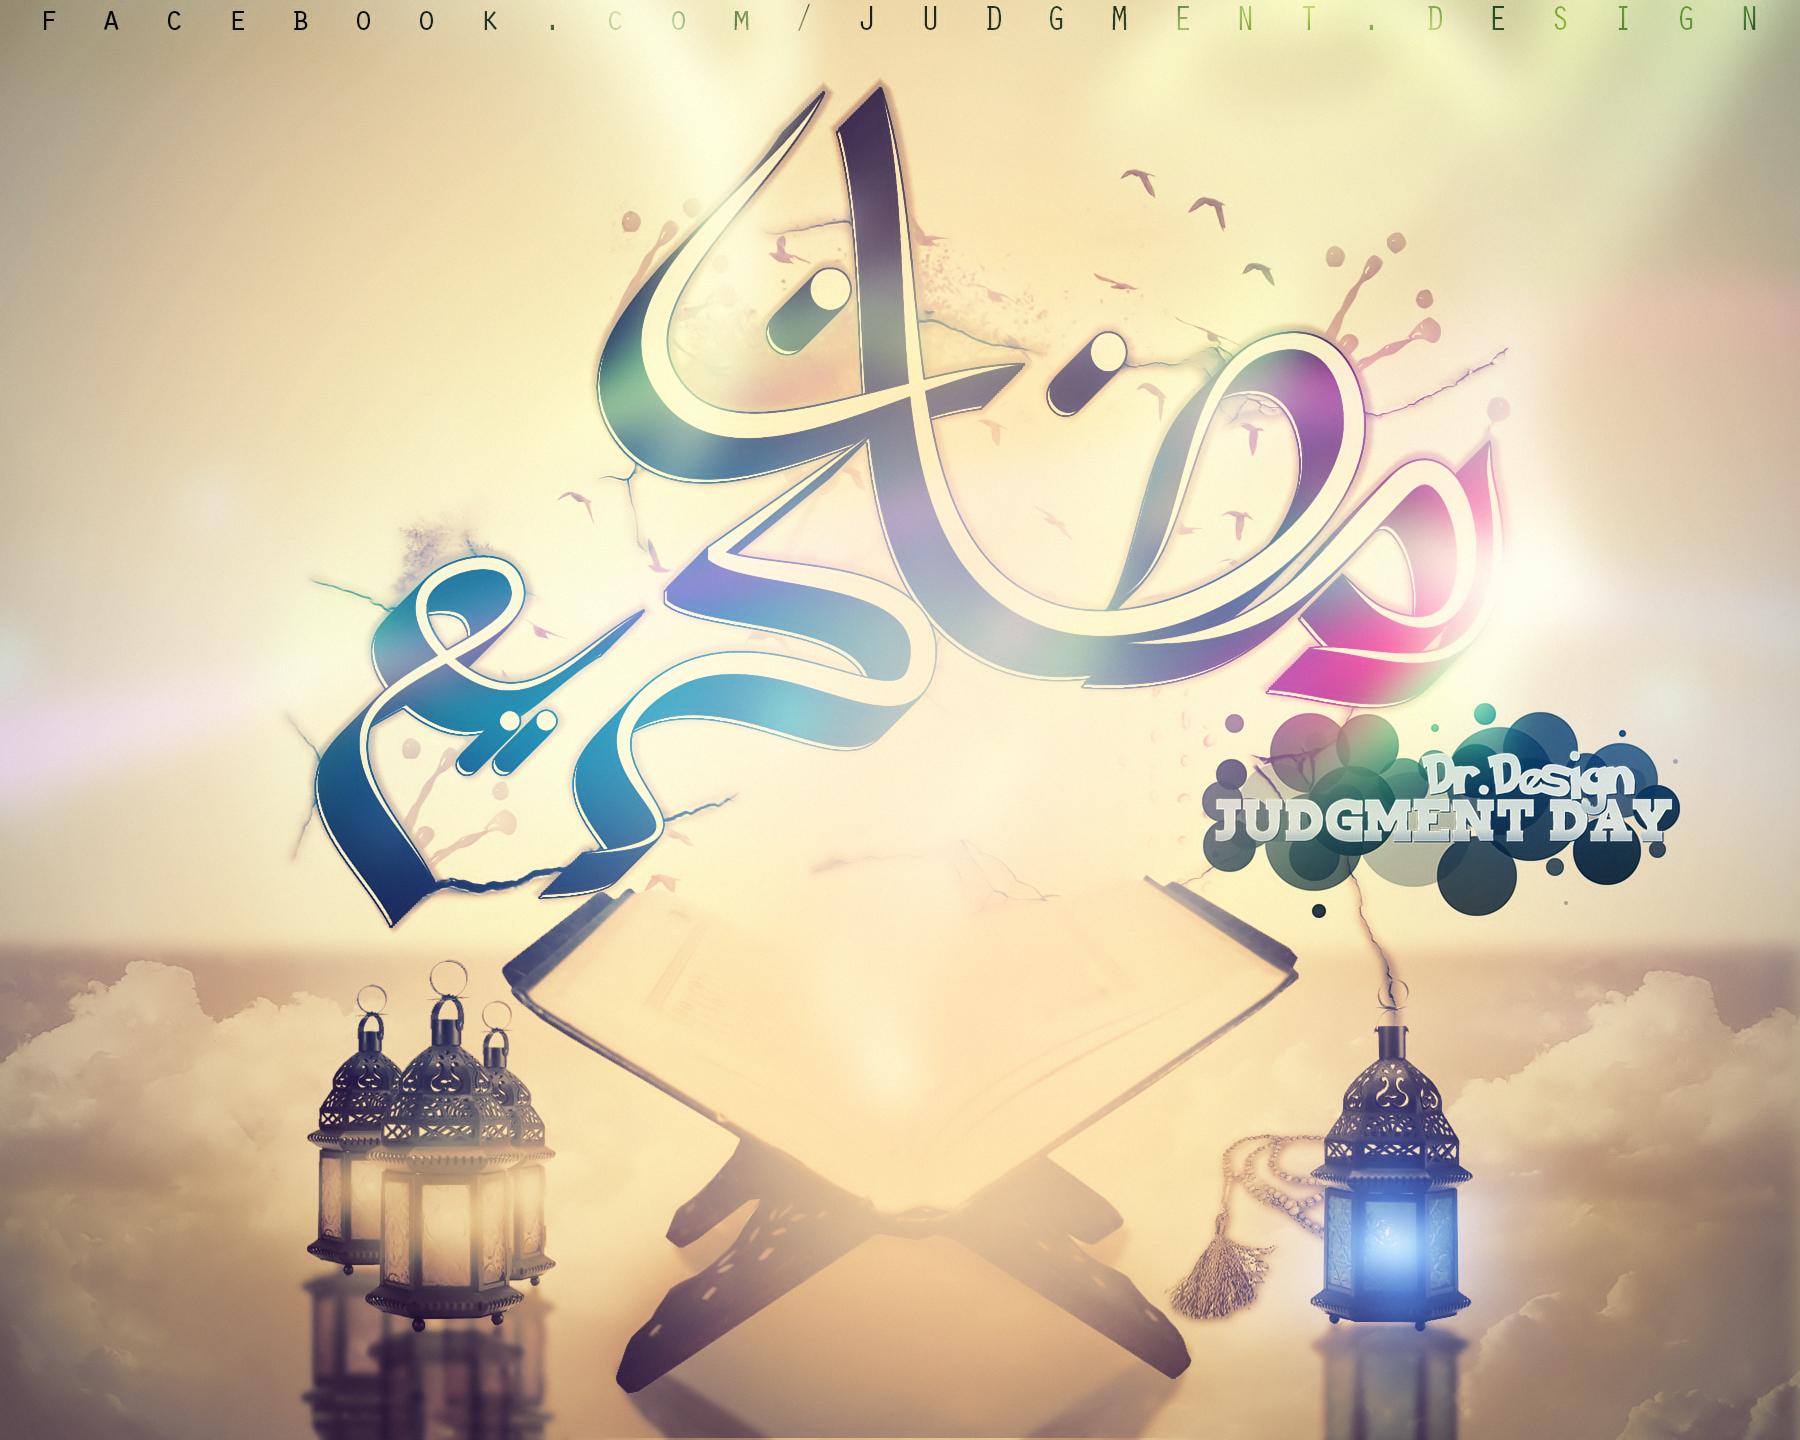 تصــآميم لرمضــــآن ..برعاية مسابقة رمضان الثقافية Ramadan_2012_by_dr_design1-d581s3k